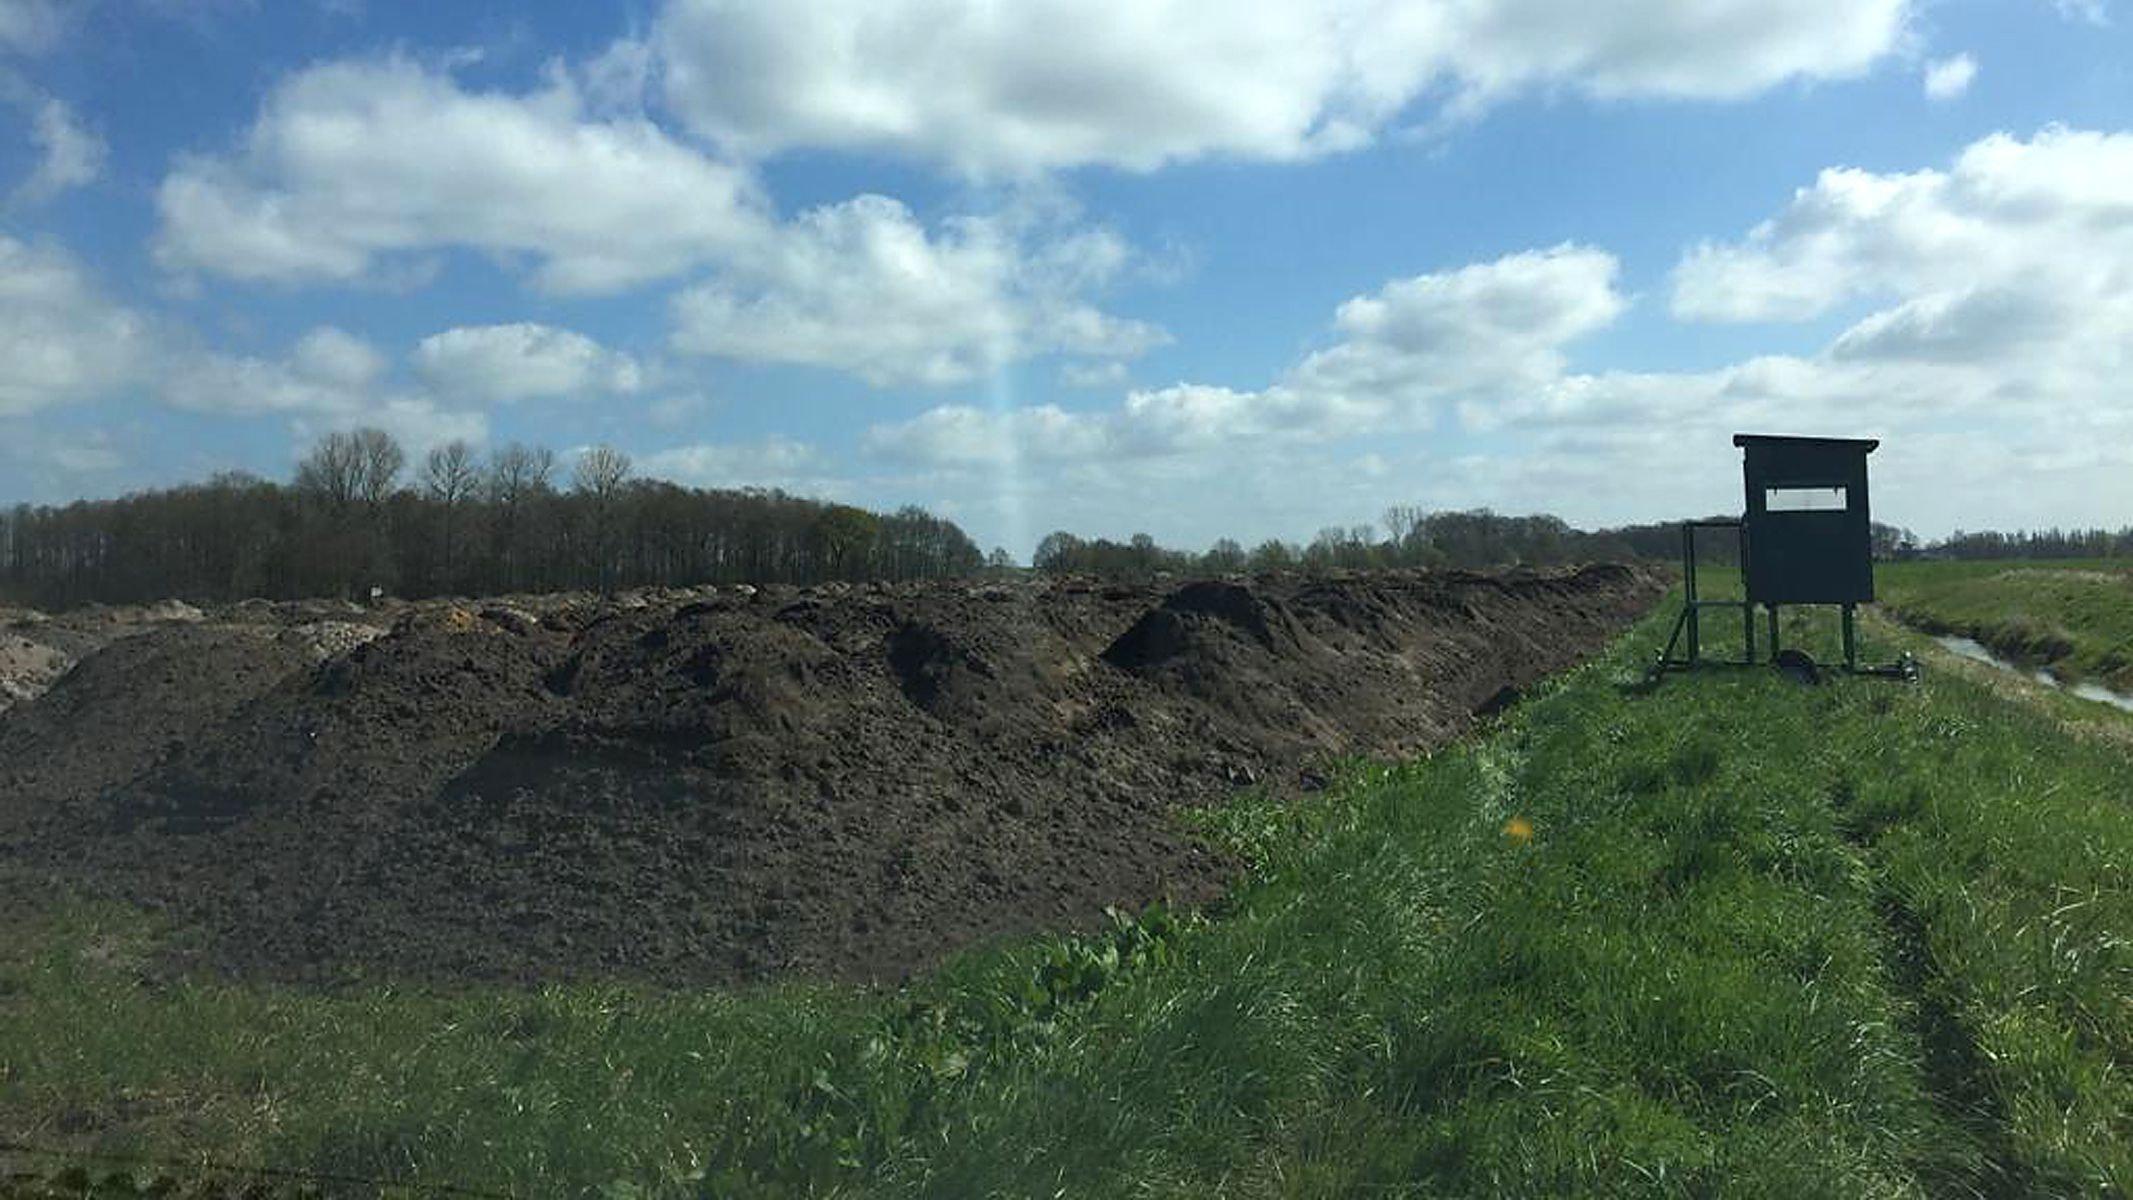 Nah am Hopener Mühlenbach und bis zu 2 Meter hoch: Mutterboden wurde auf den Flächen in der Nähe des Forschungsstalls in Höne aufgeschüttet. Foto: Pro Natura